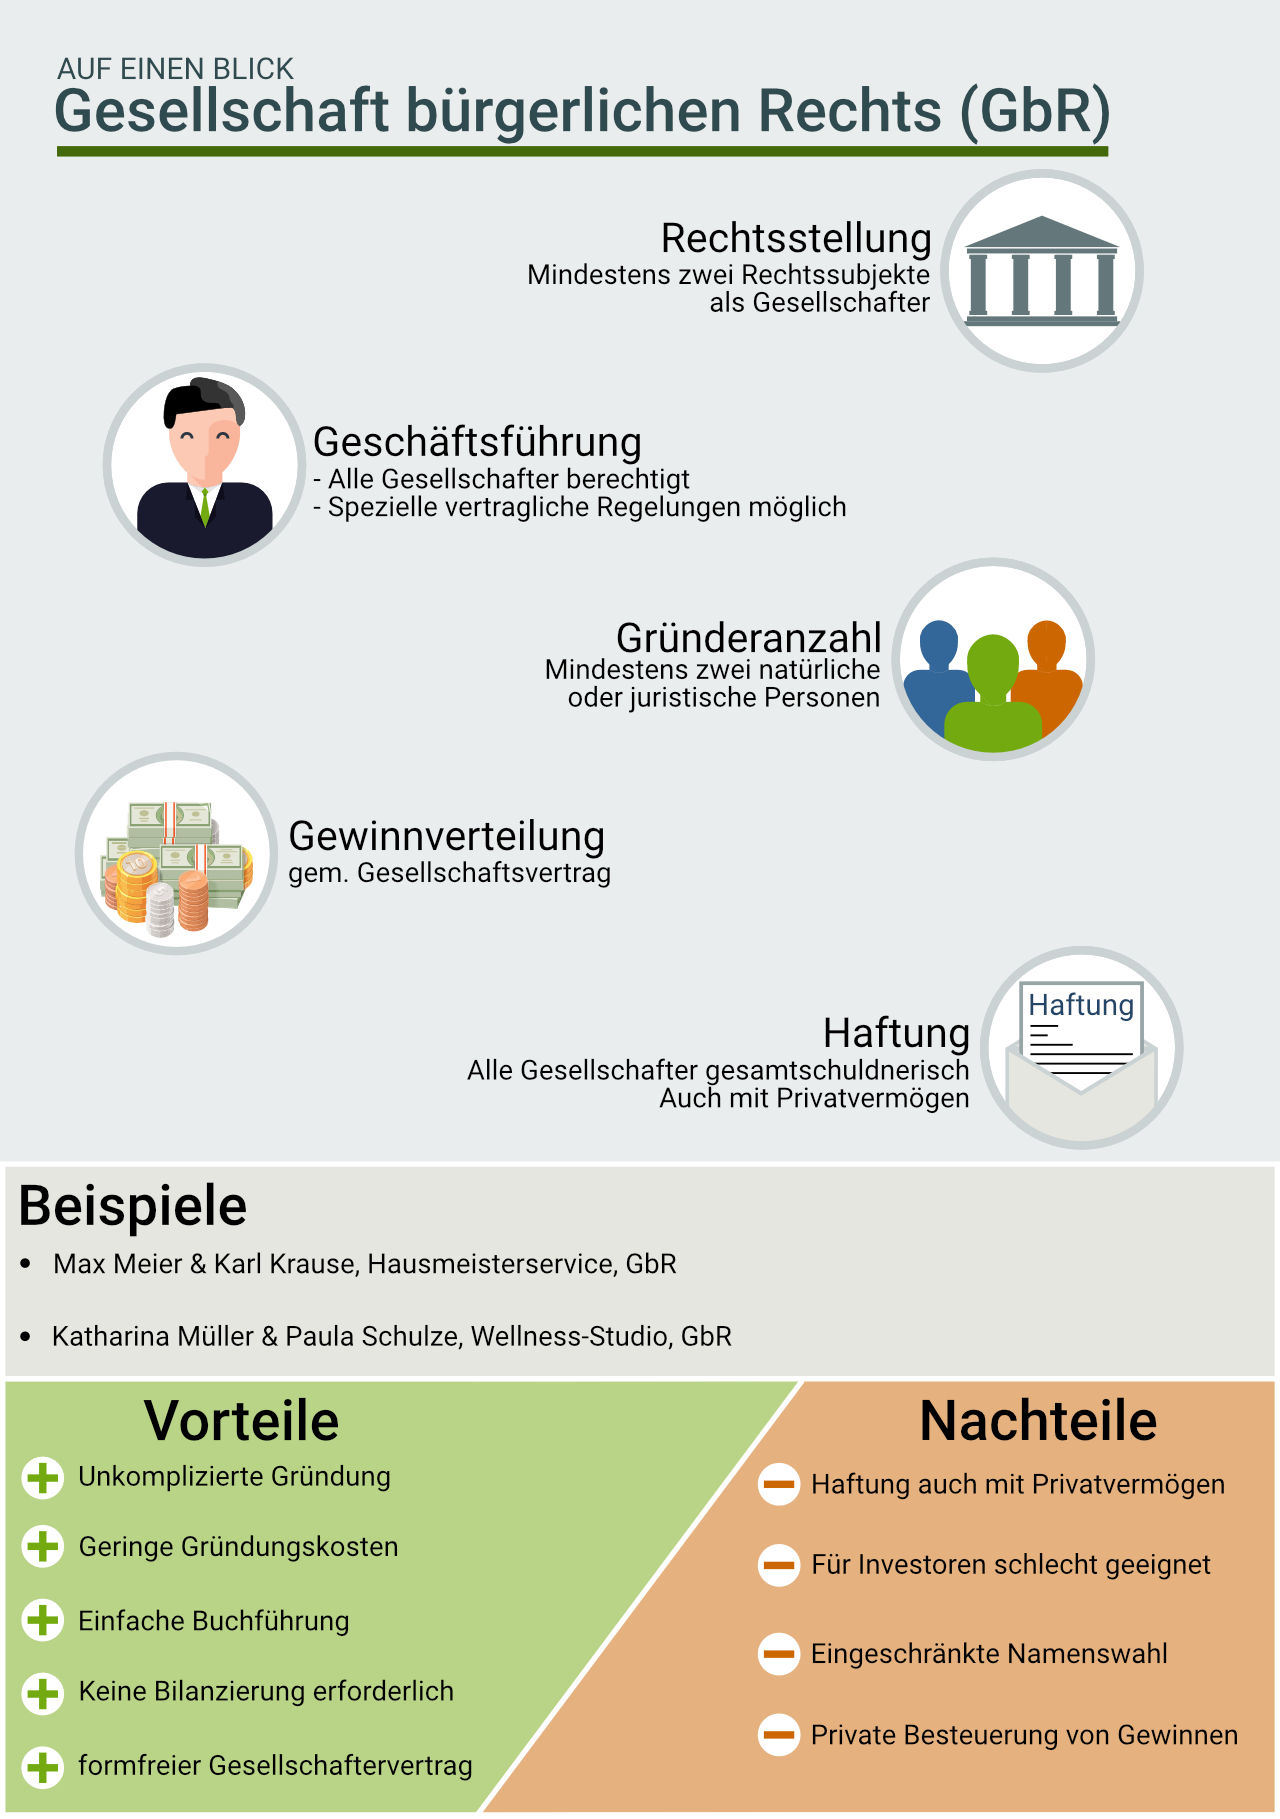 Infografik: Gesellschaft bürgerlichen Rechts (GbR)